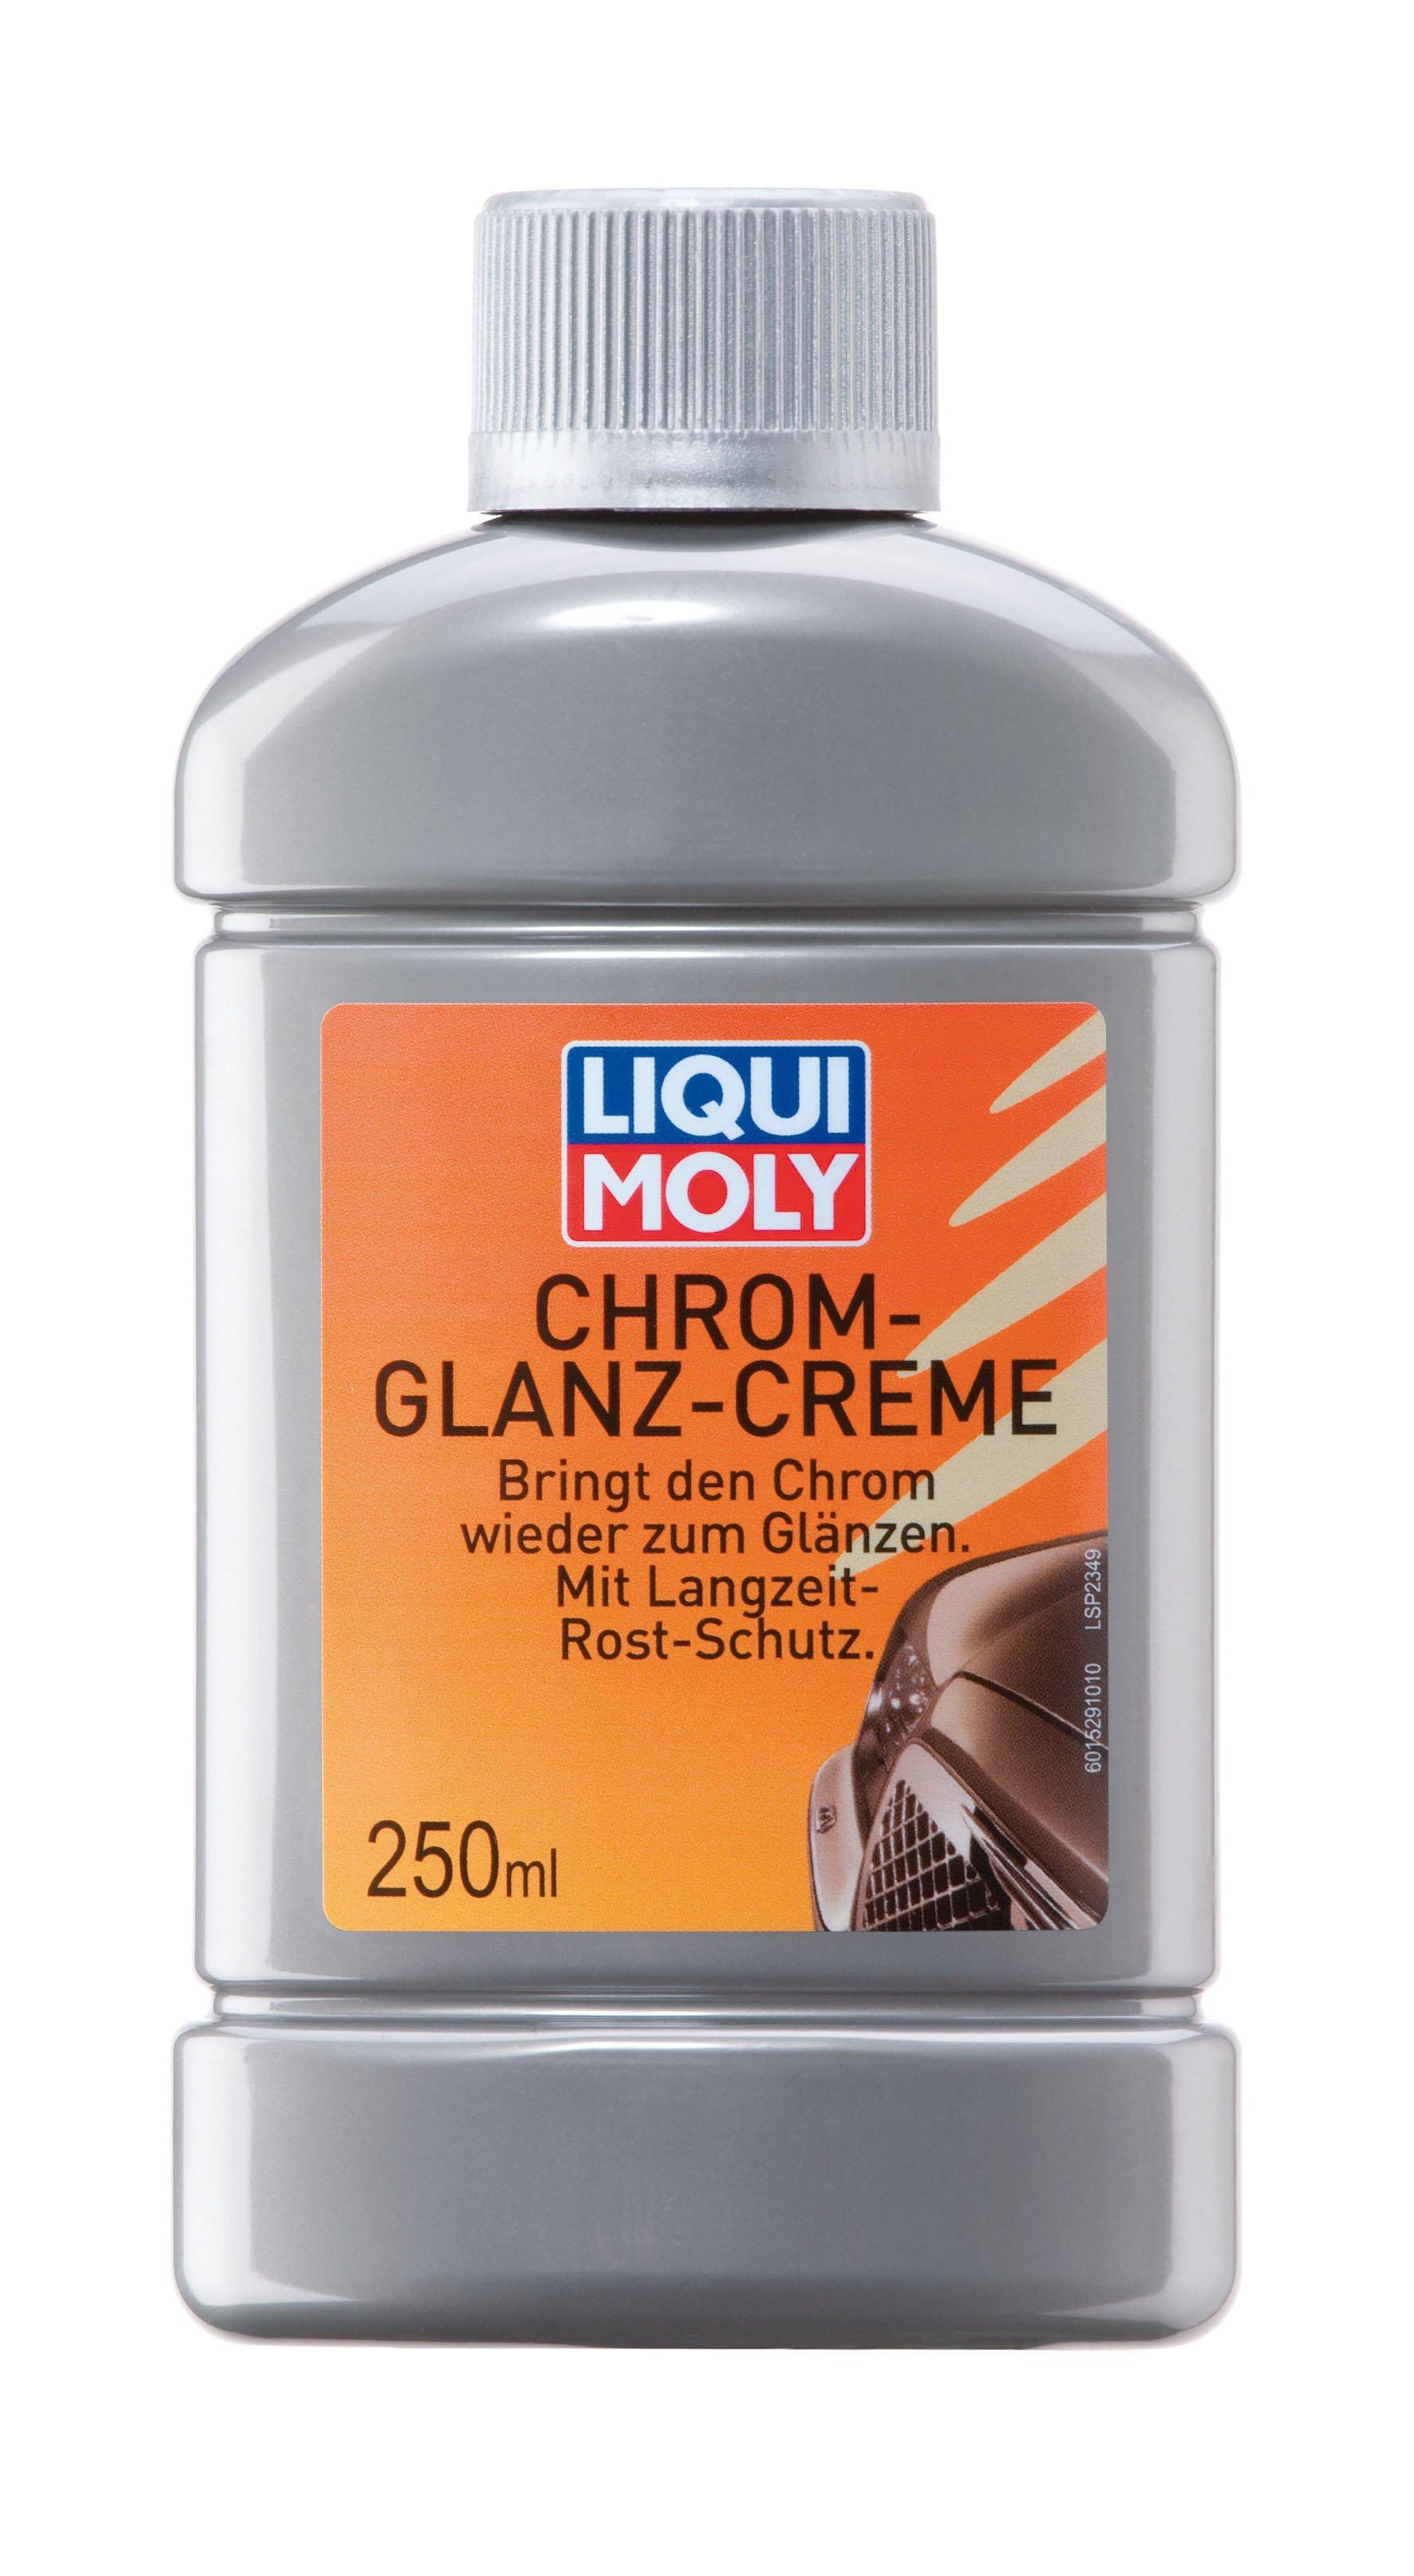 Liqui Moly Chrom-Glanz-Creme